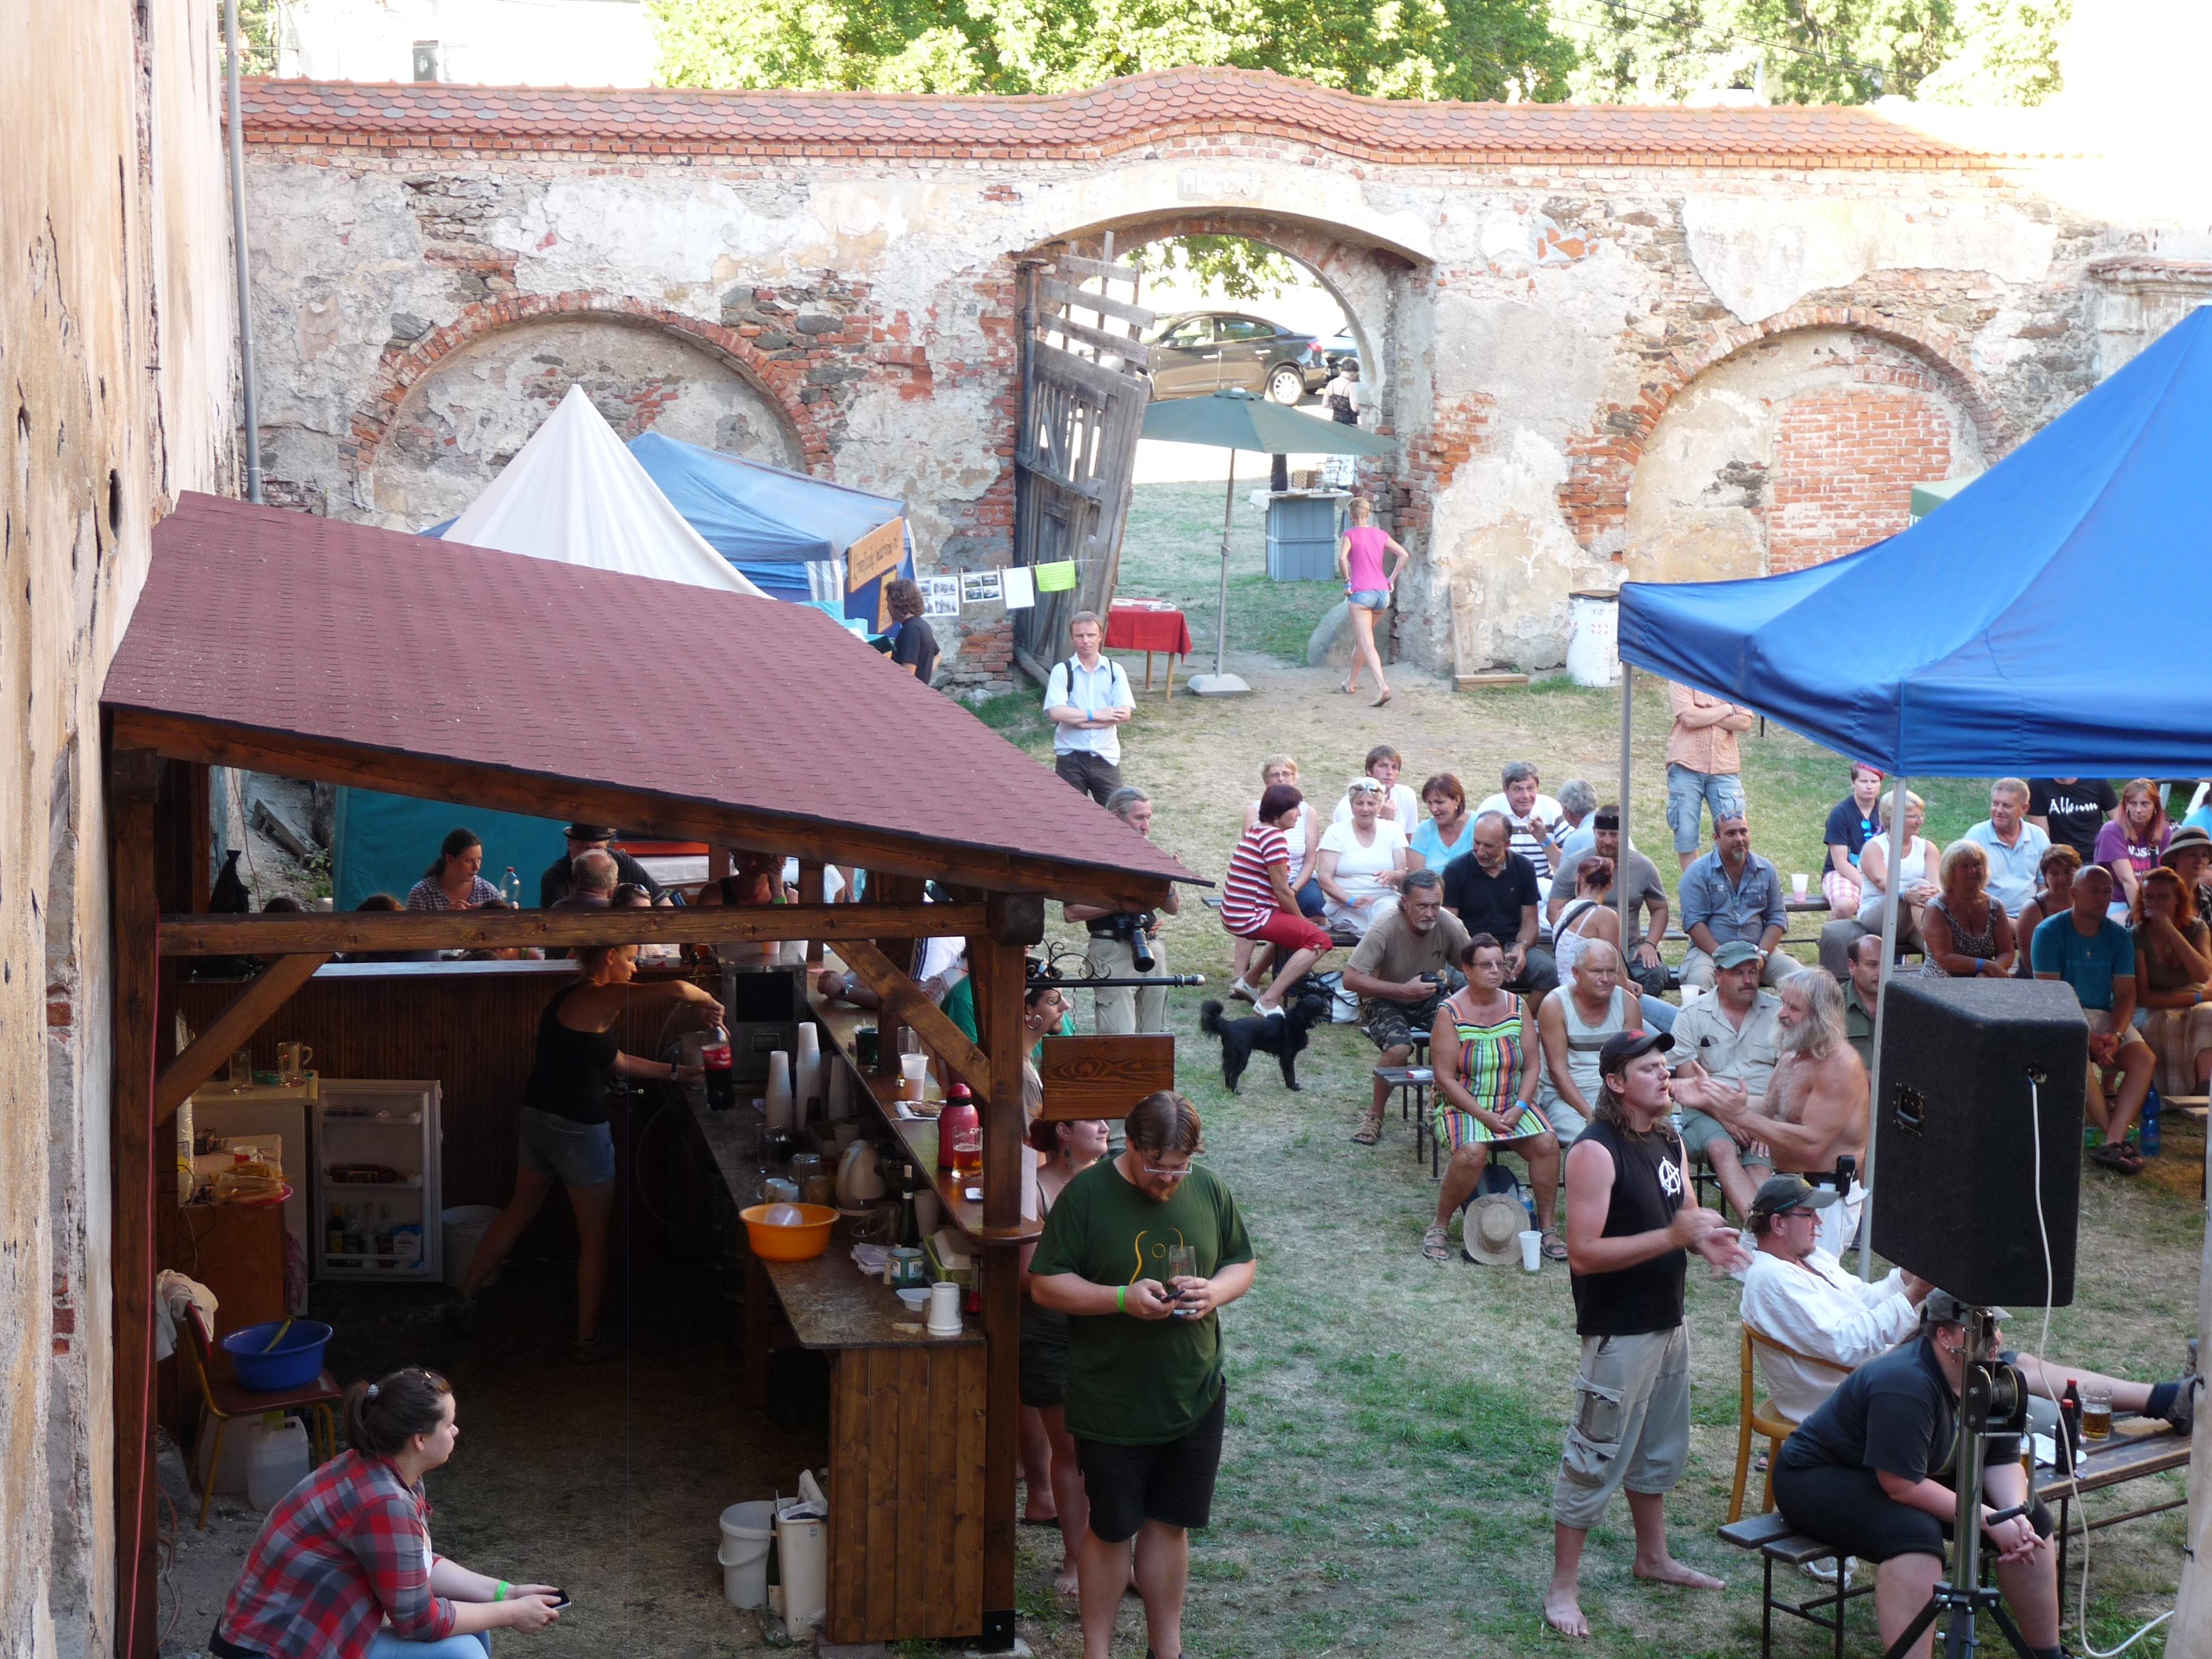 7. Festival 2015